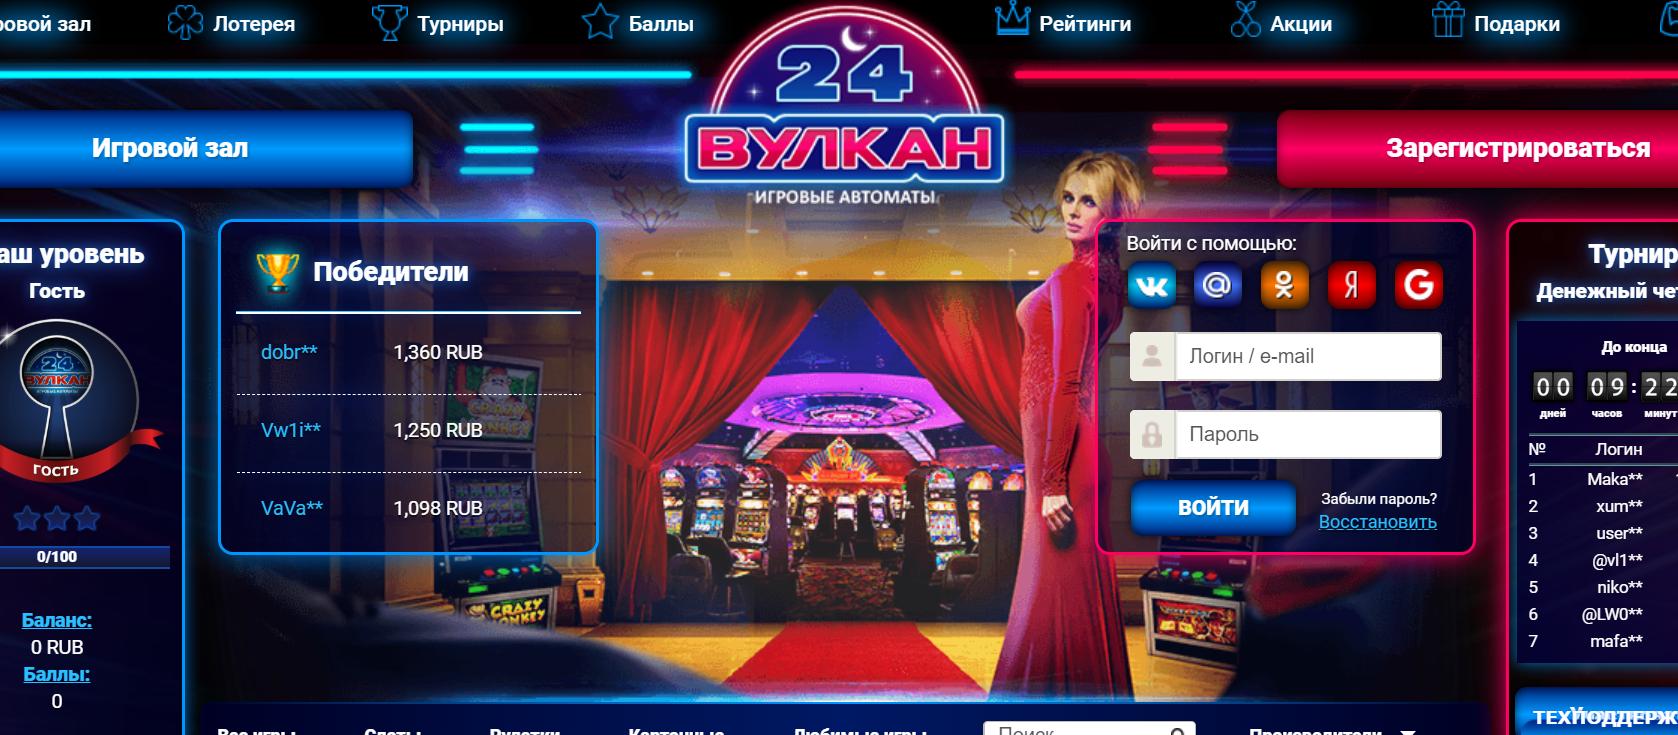 Большие возможности для выигрыша в казино Вулкан 24